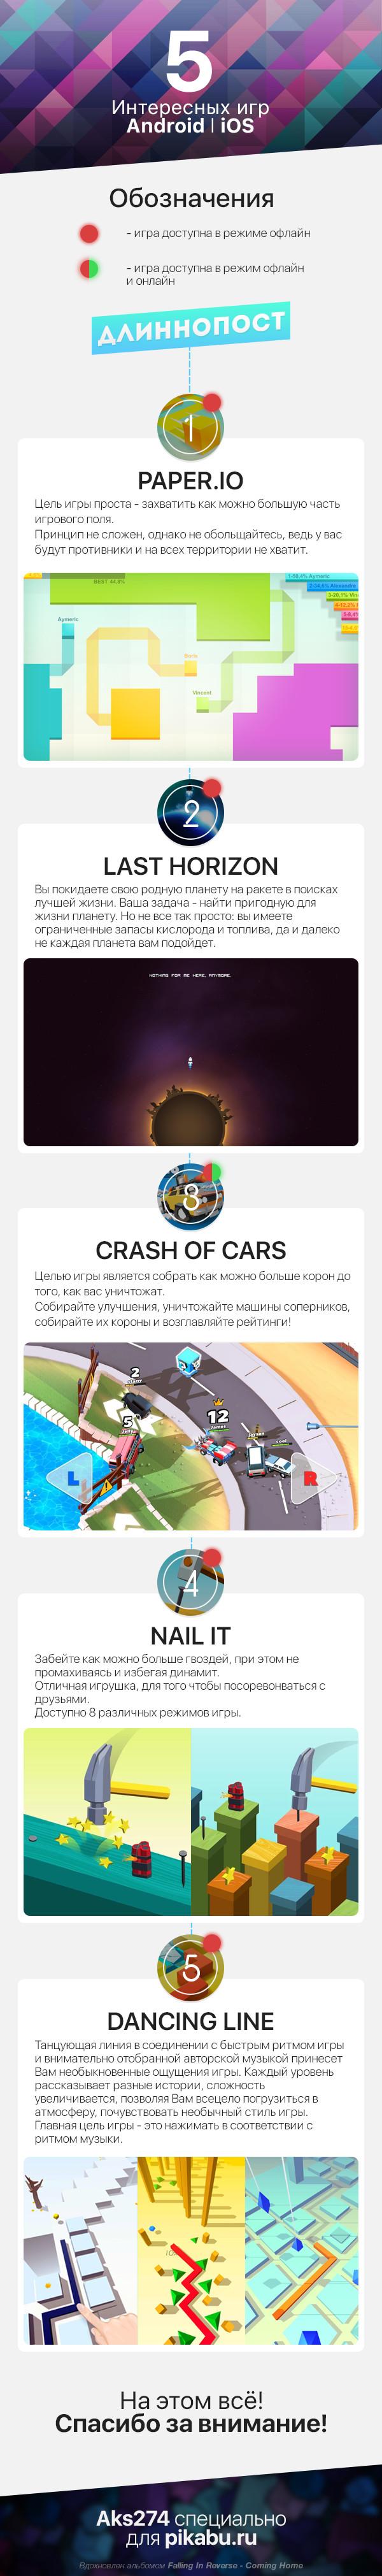 5 интересных игр для Android l iOS [длиннопост|серия постов про андроид|XXI часть] длиннопост, игры, android, ios, Интересное